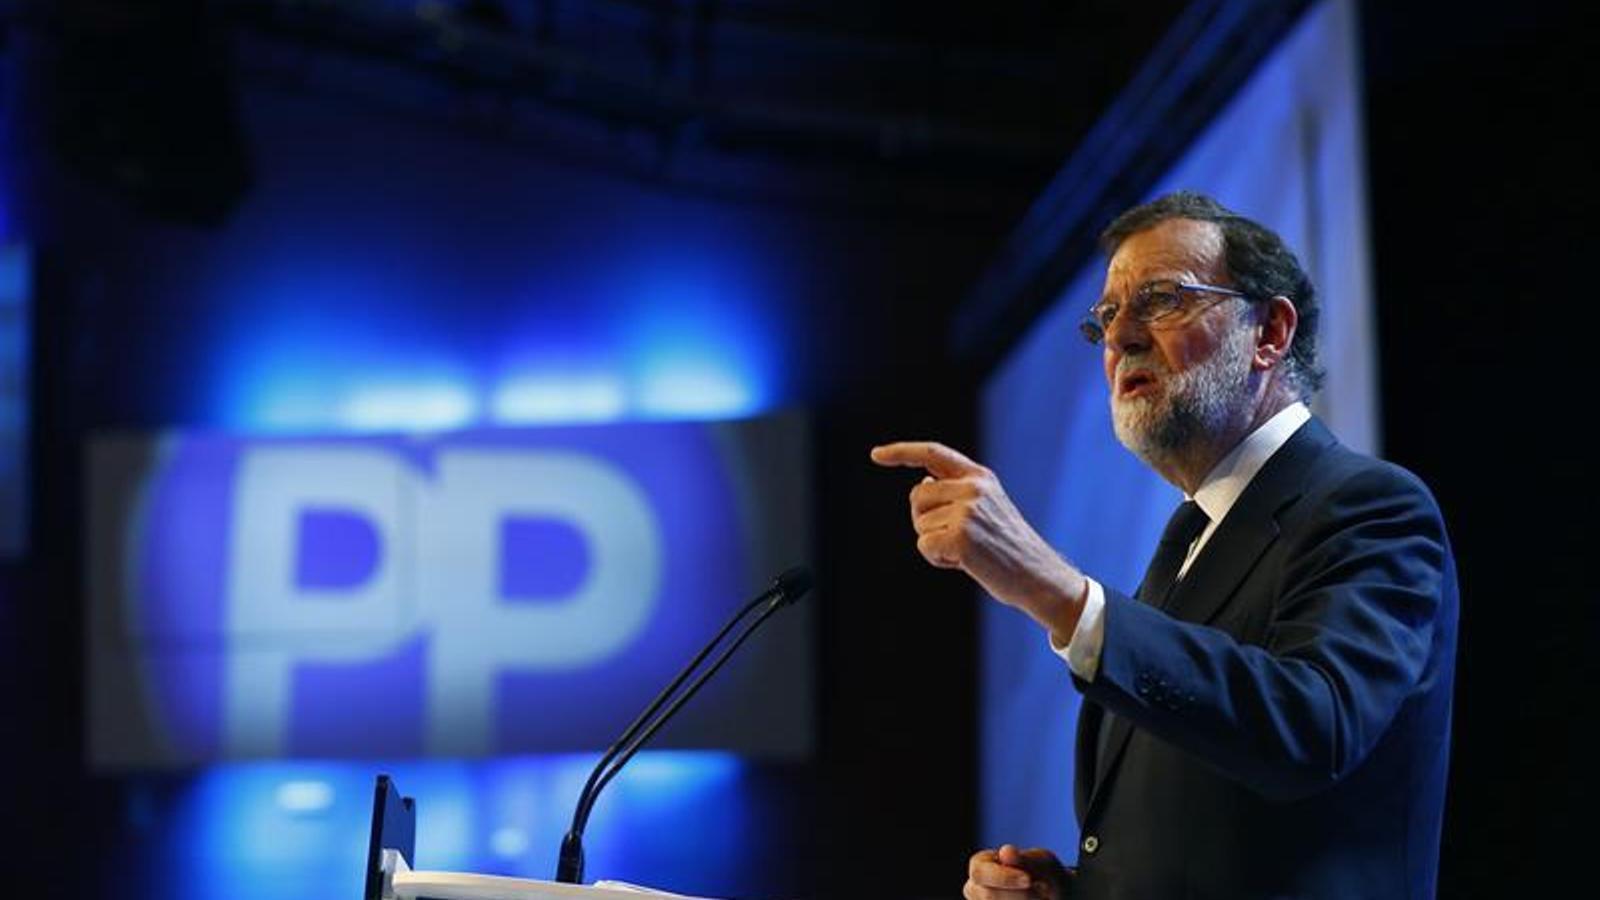 El president del PP, Mariano Rajoy